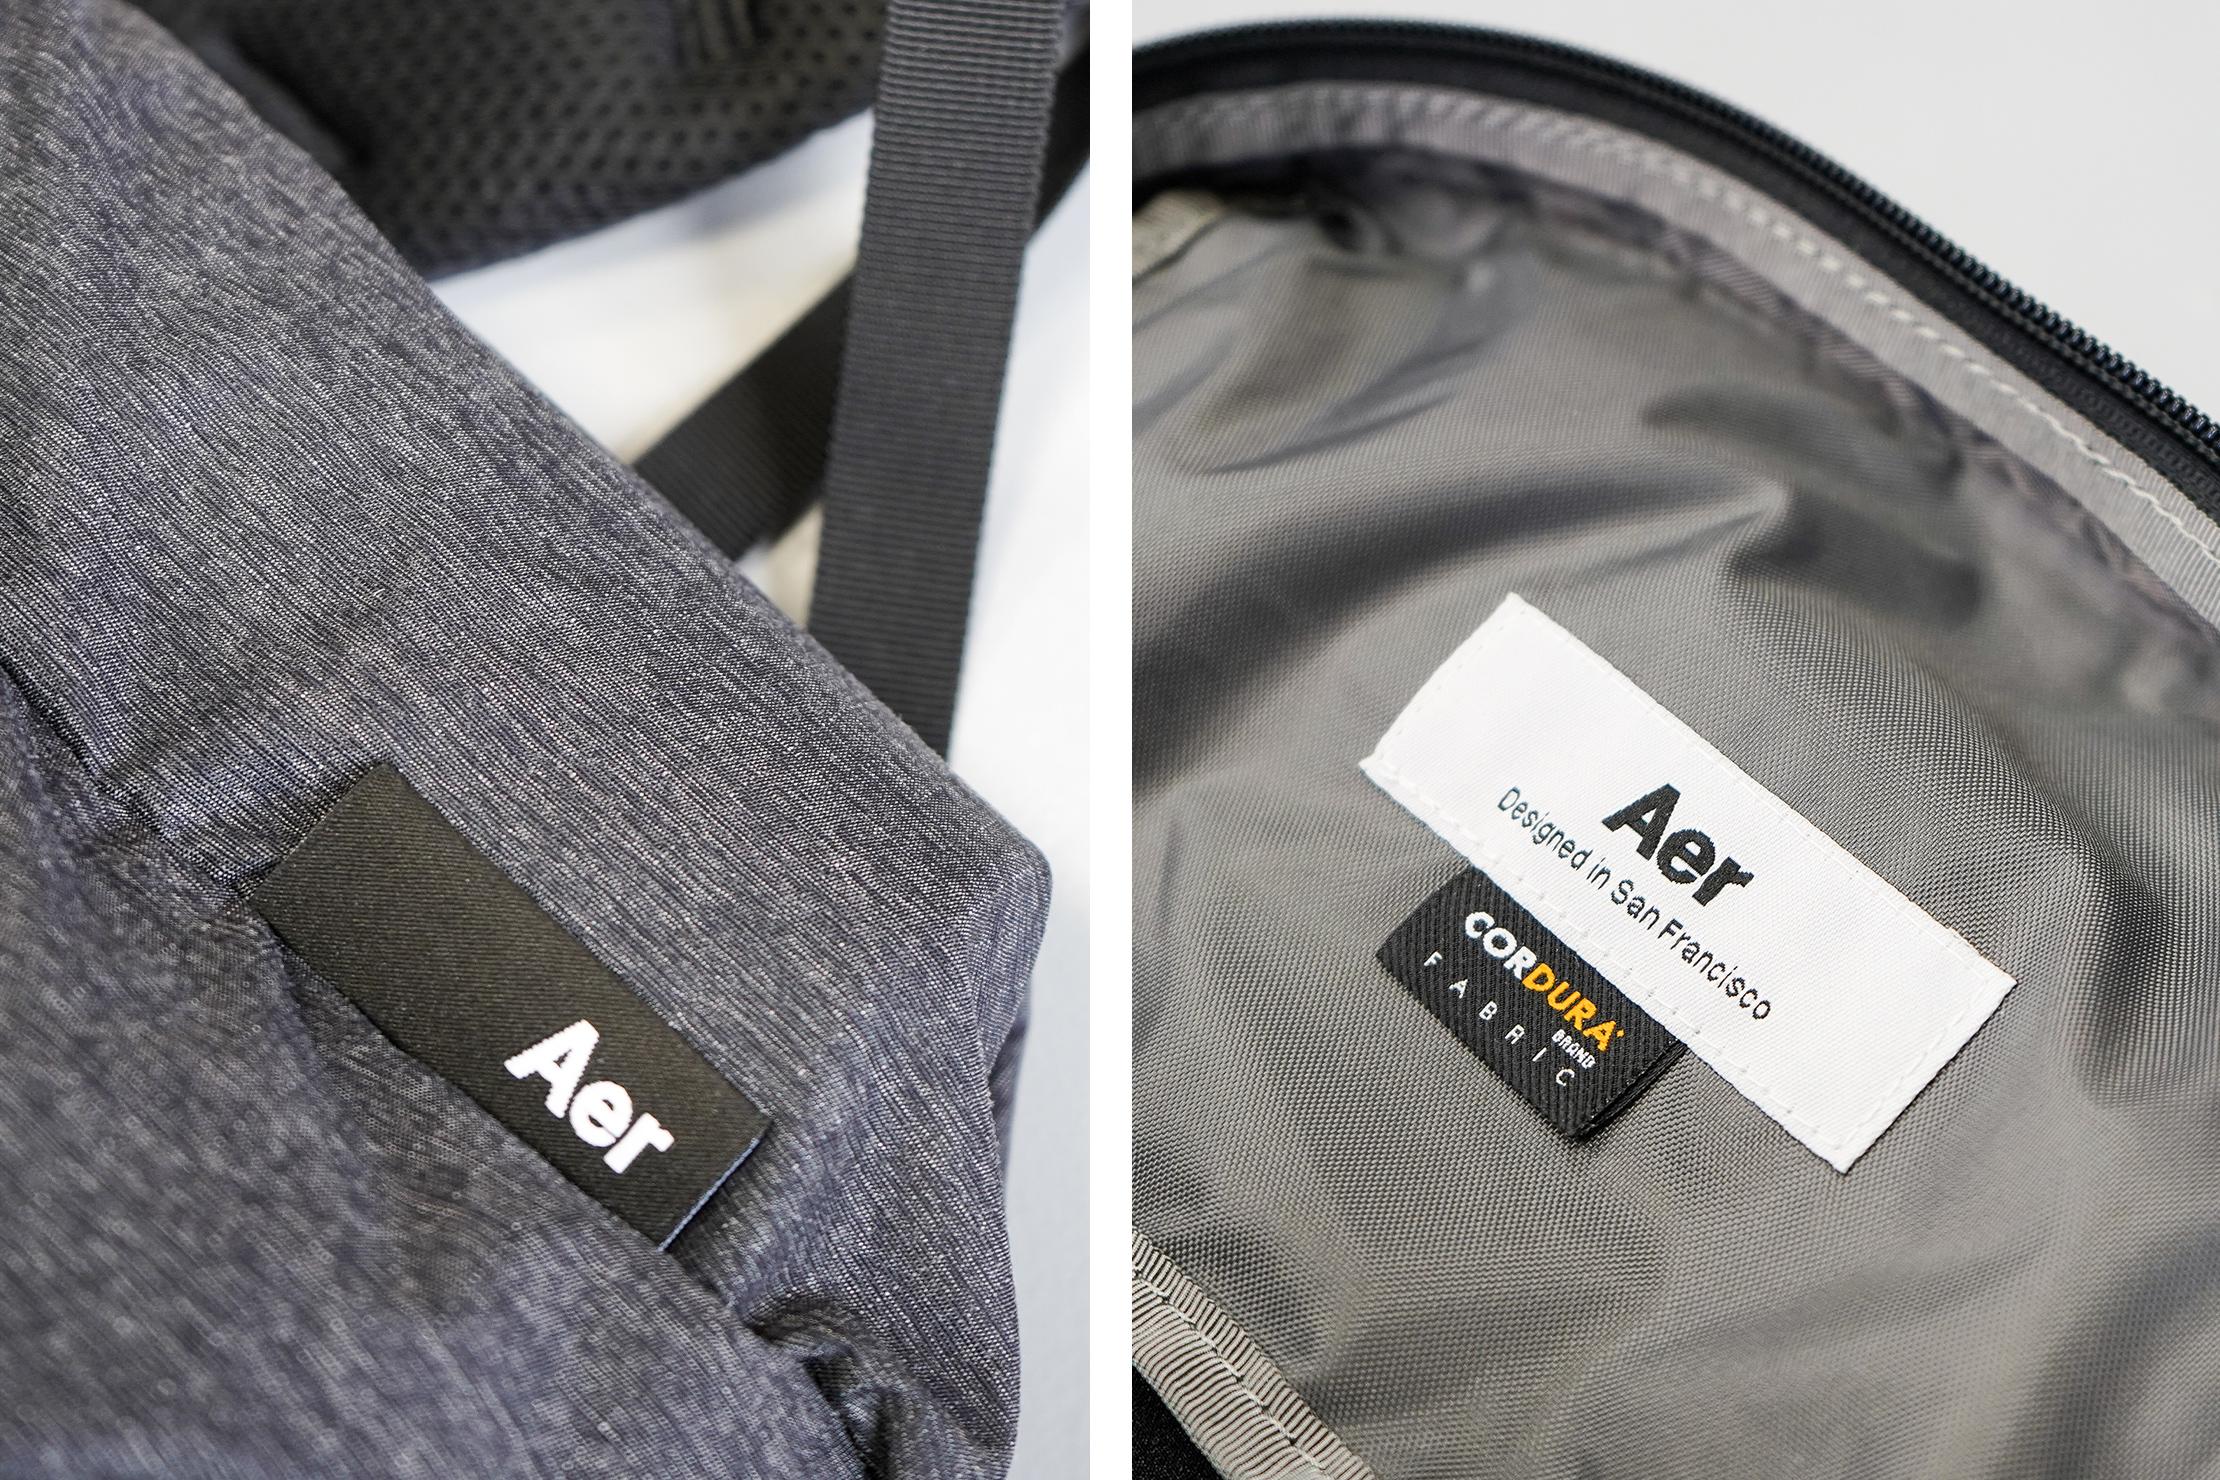 Aer Go Pack Branding